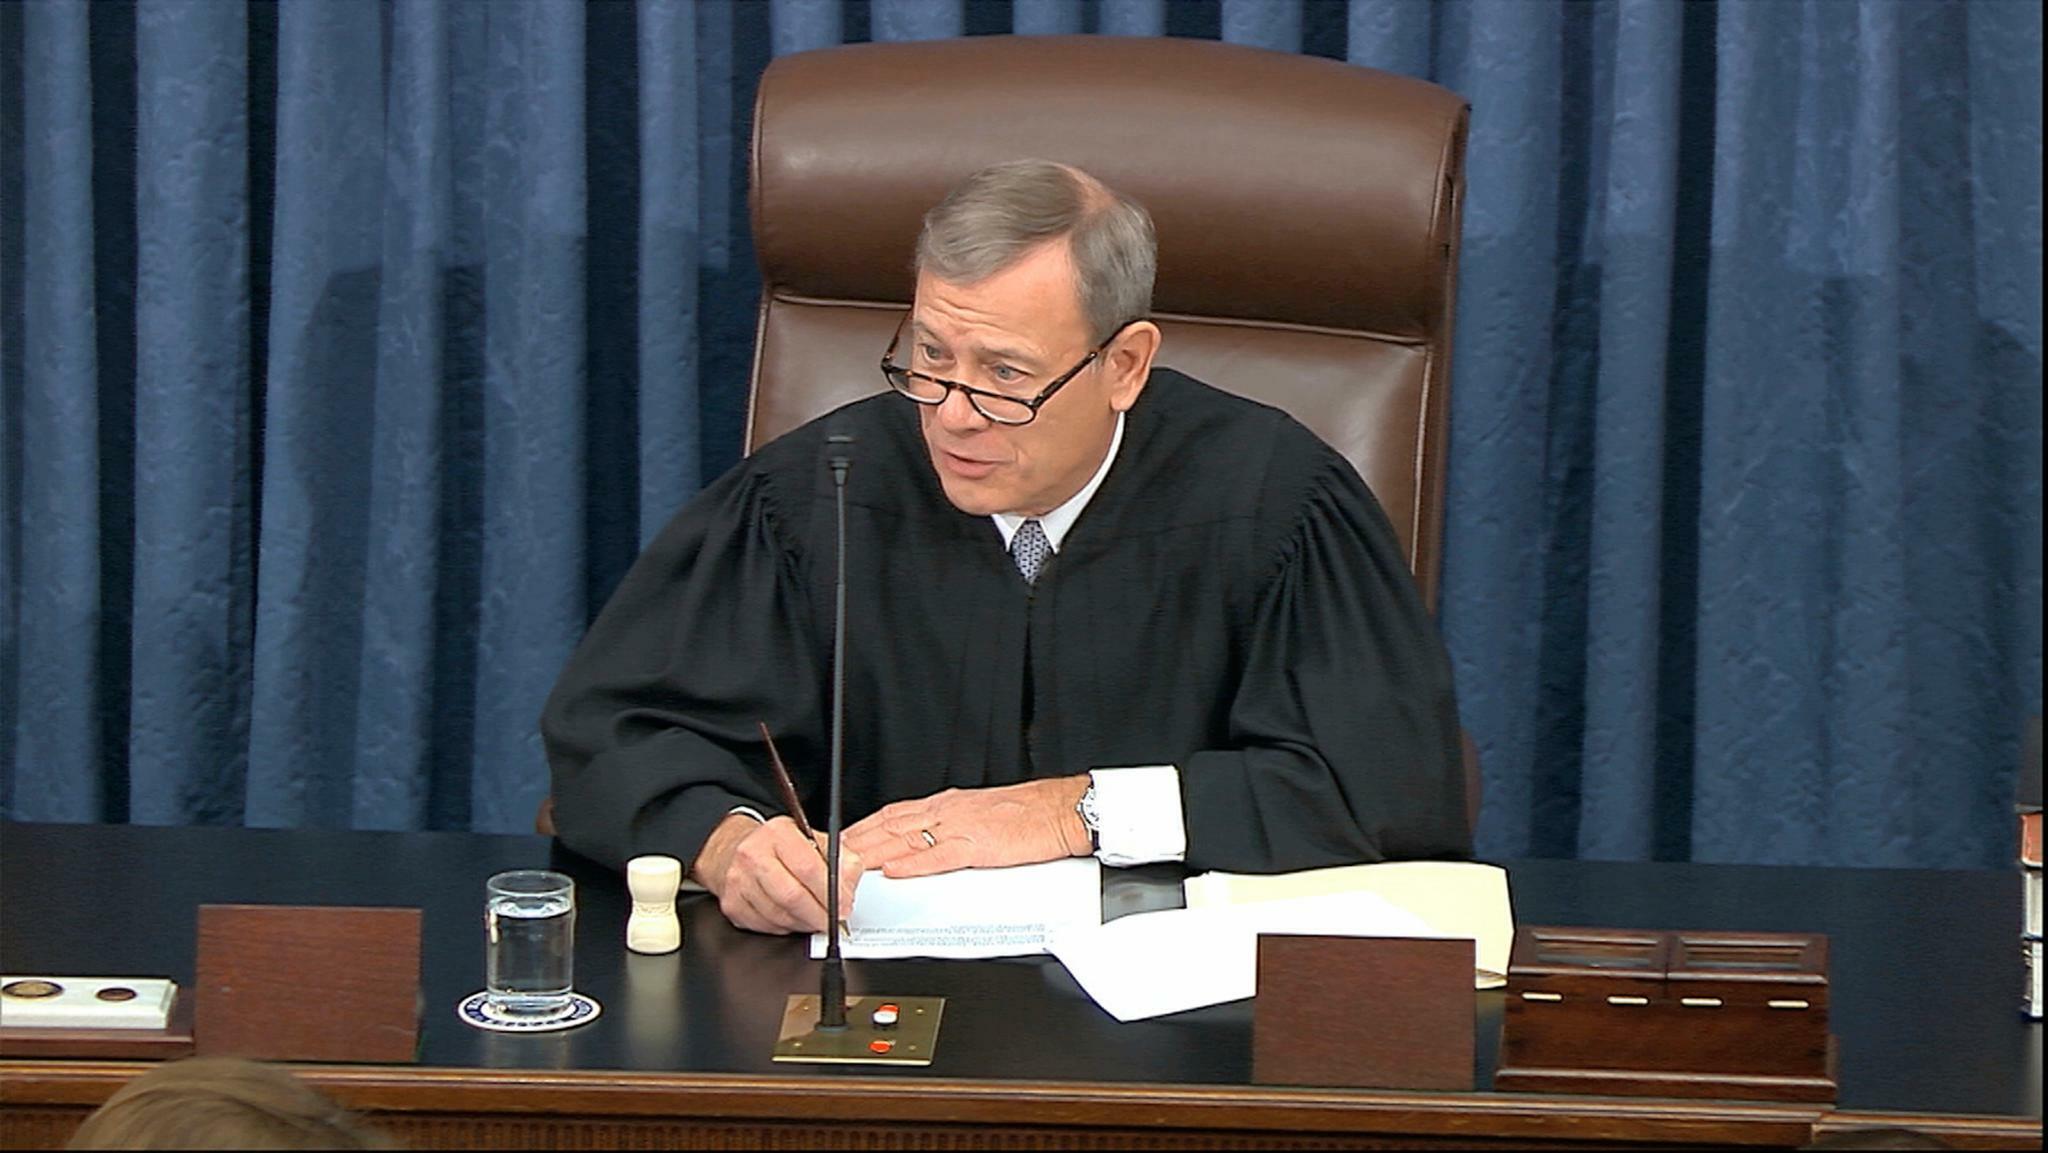 Der Oberste US-Richter Roberts setzt ein denkwürdiges Signal